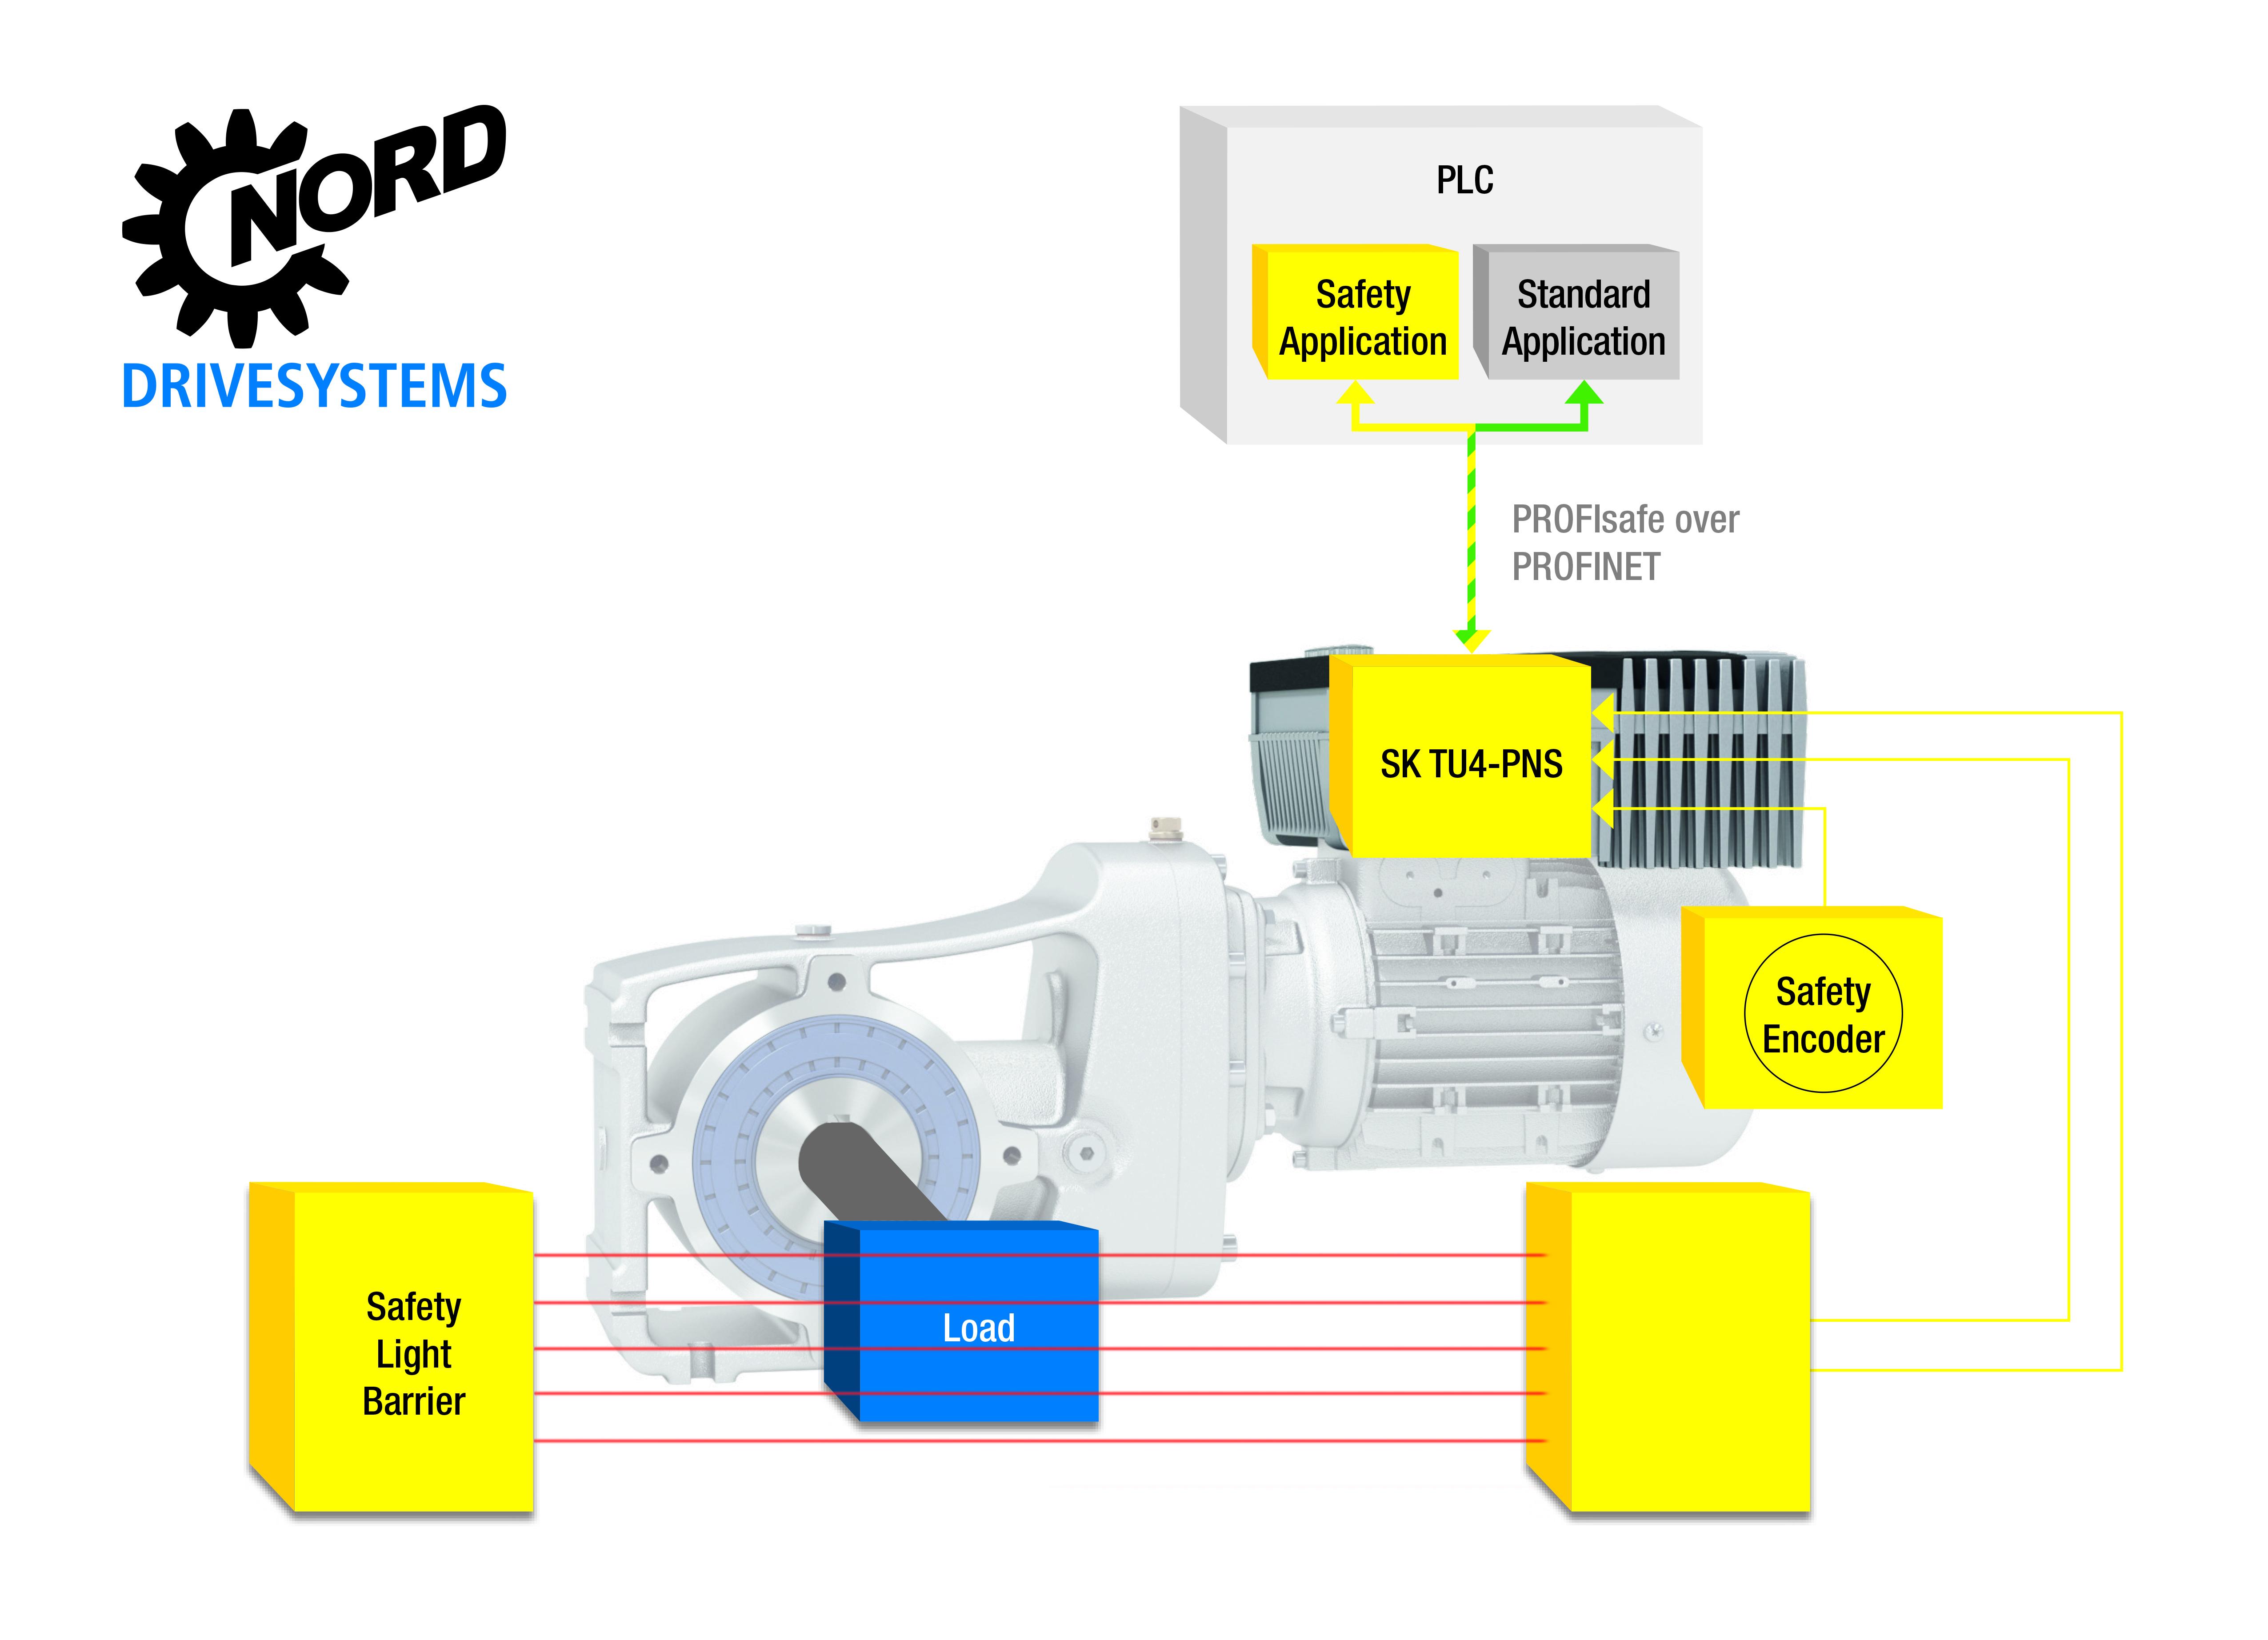 Das PROFIsafe-Modul von Nord Drivesytems erfüllt die höchsten Sicherheitsanforderungen und gewährleistet die sichere Kommunikation in Profinet-Umgebungen.